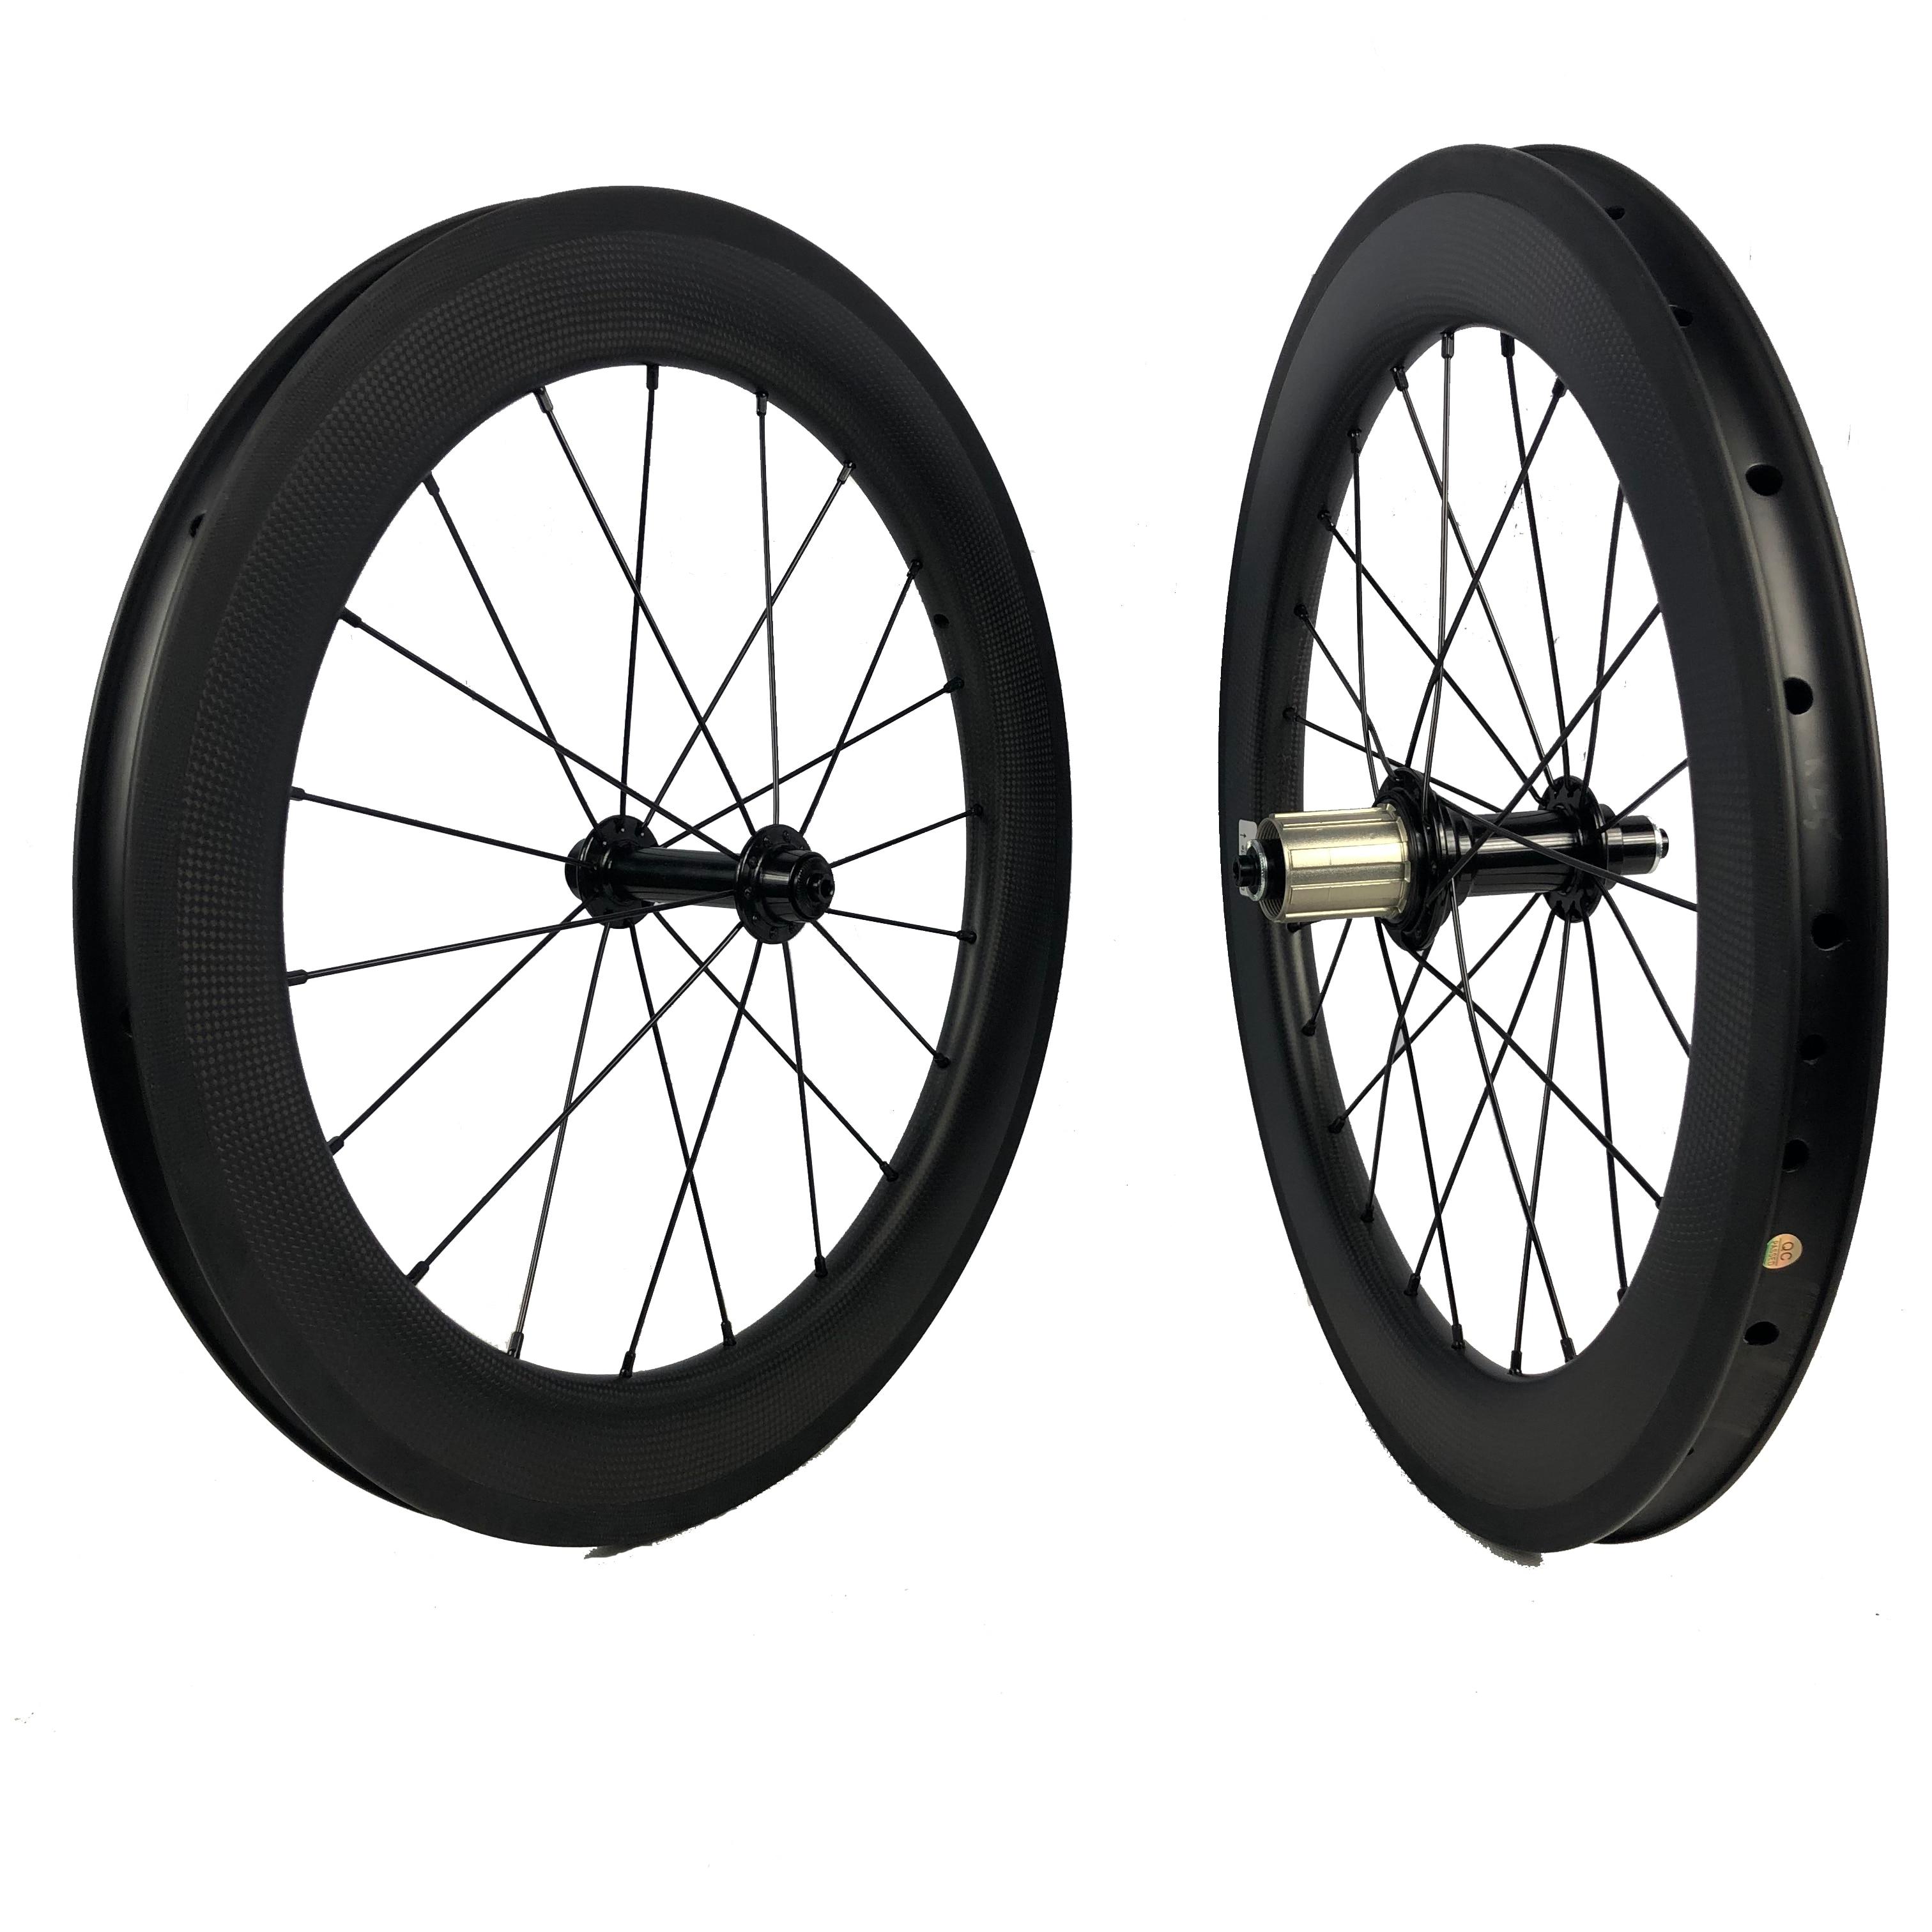 Bicicleta plegable 20 pulgadas 406 fibra de carbono BMX ruedas/llanta V freno...